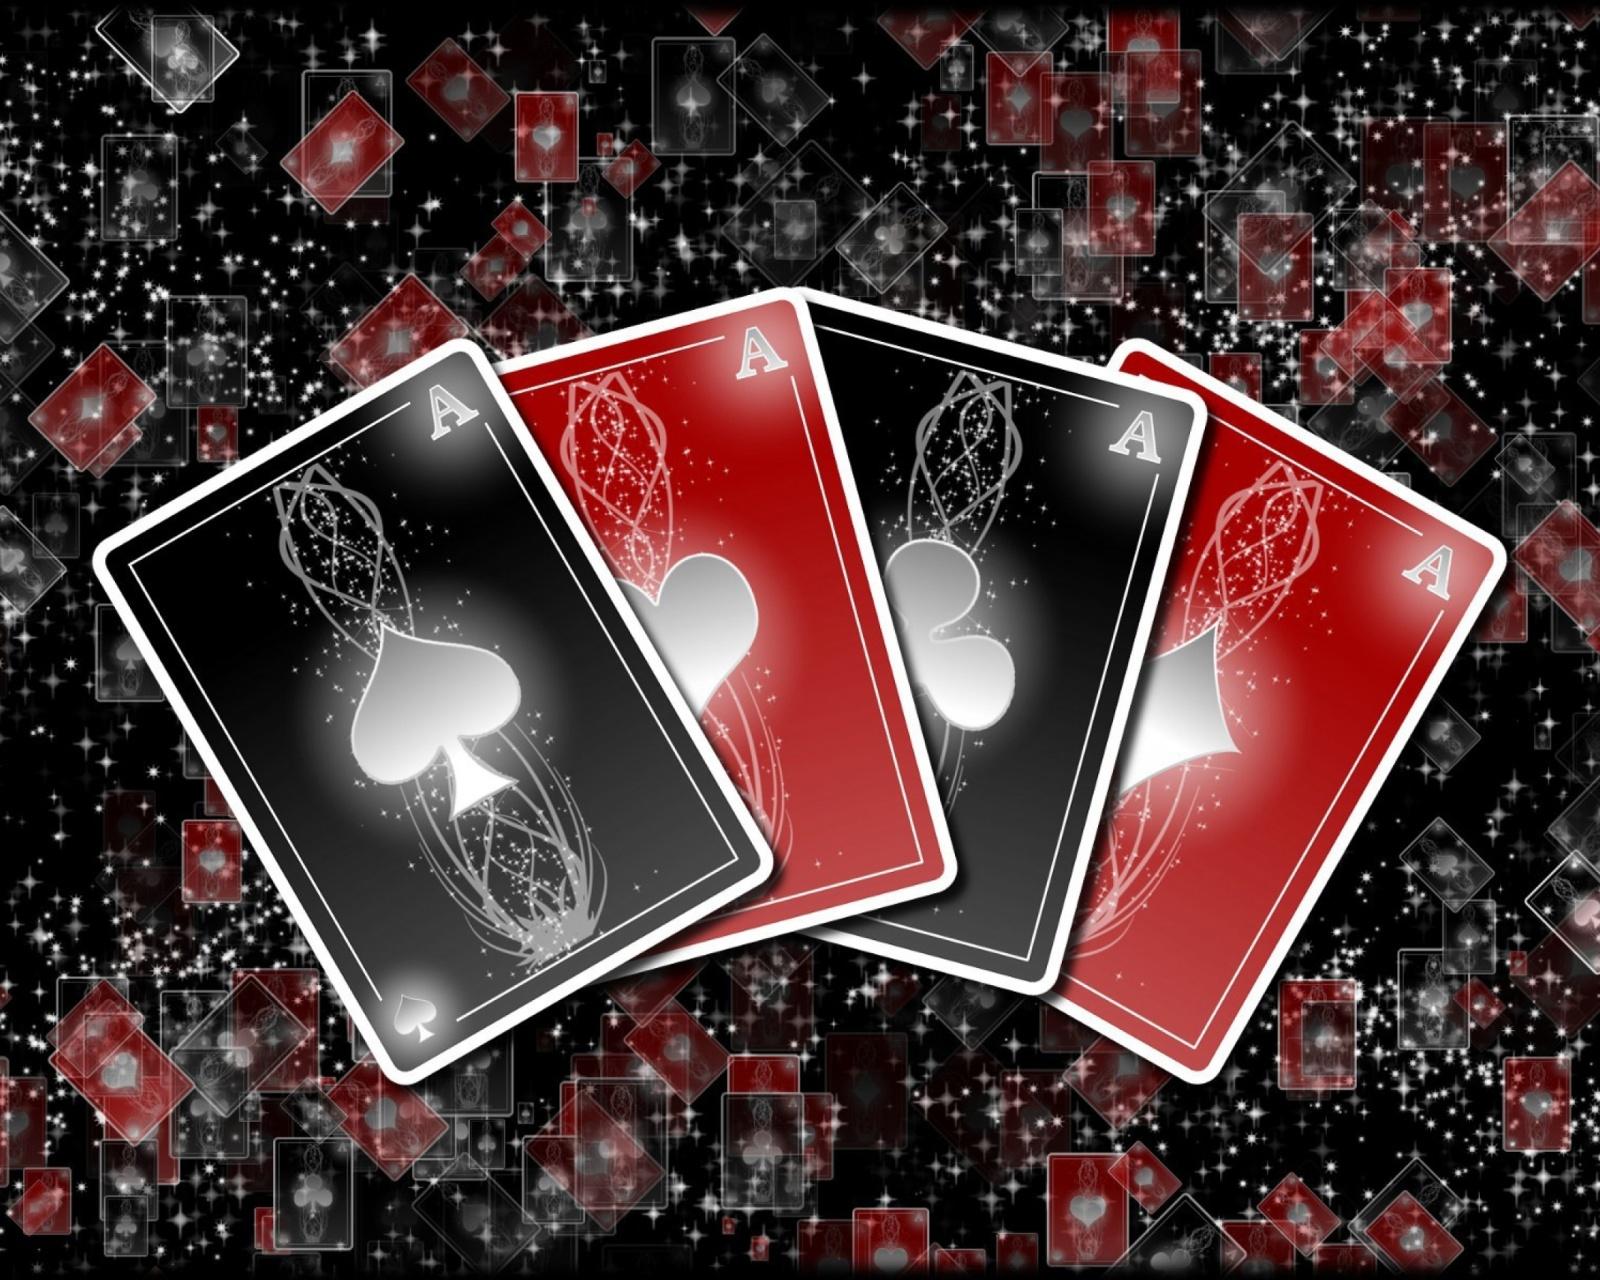 игры карты игральные азартные  № 1898178 без смс